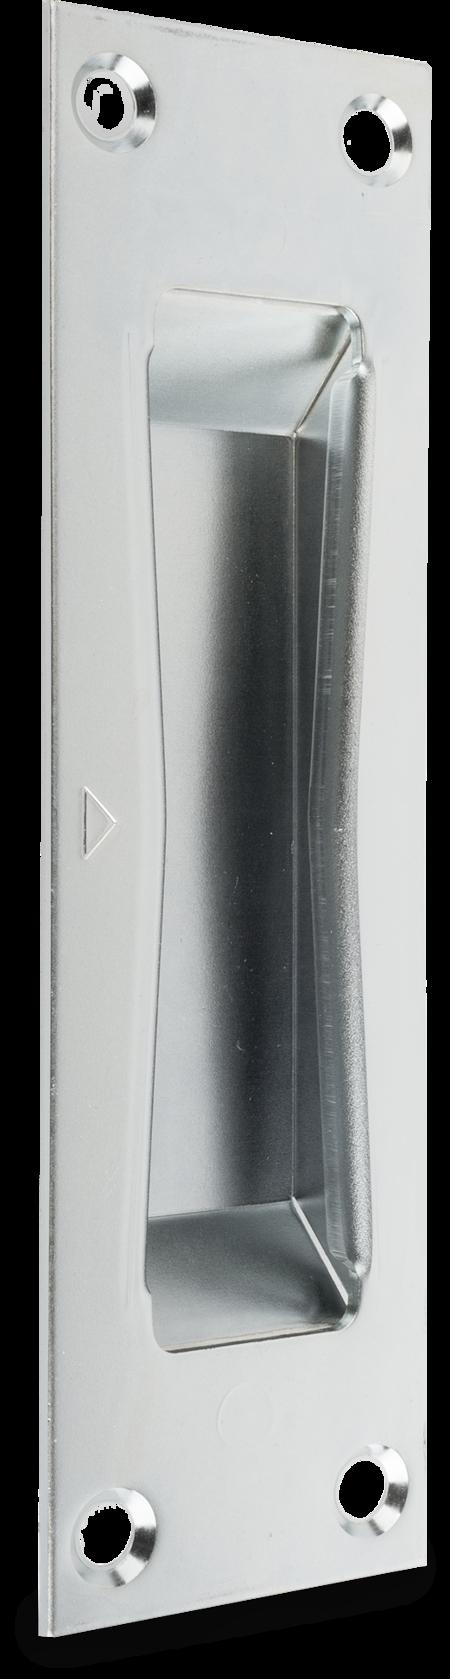 Schließblech Stahl, verzinkt, rechts und links verwendbar, mit Kasten, für Einsteck-Schnecken-Schloss